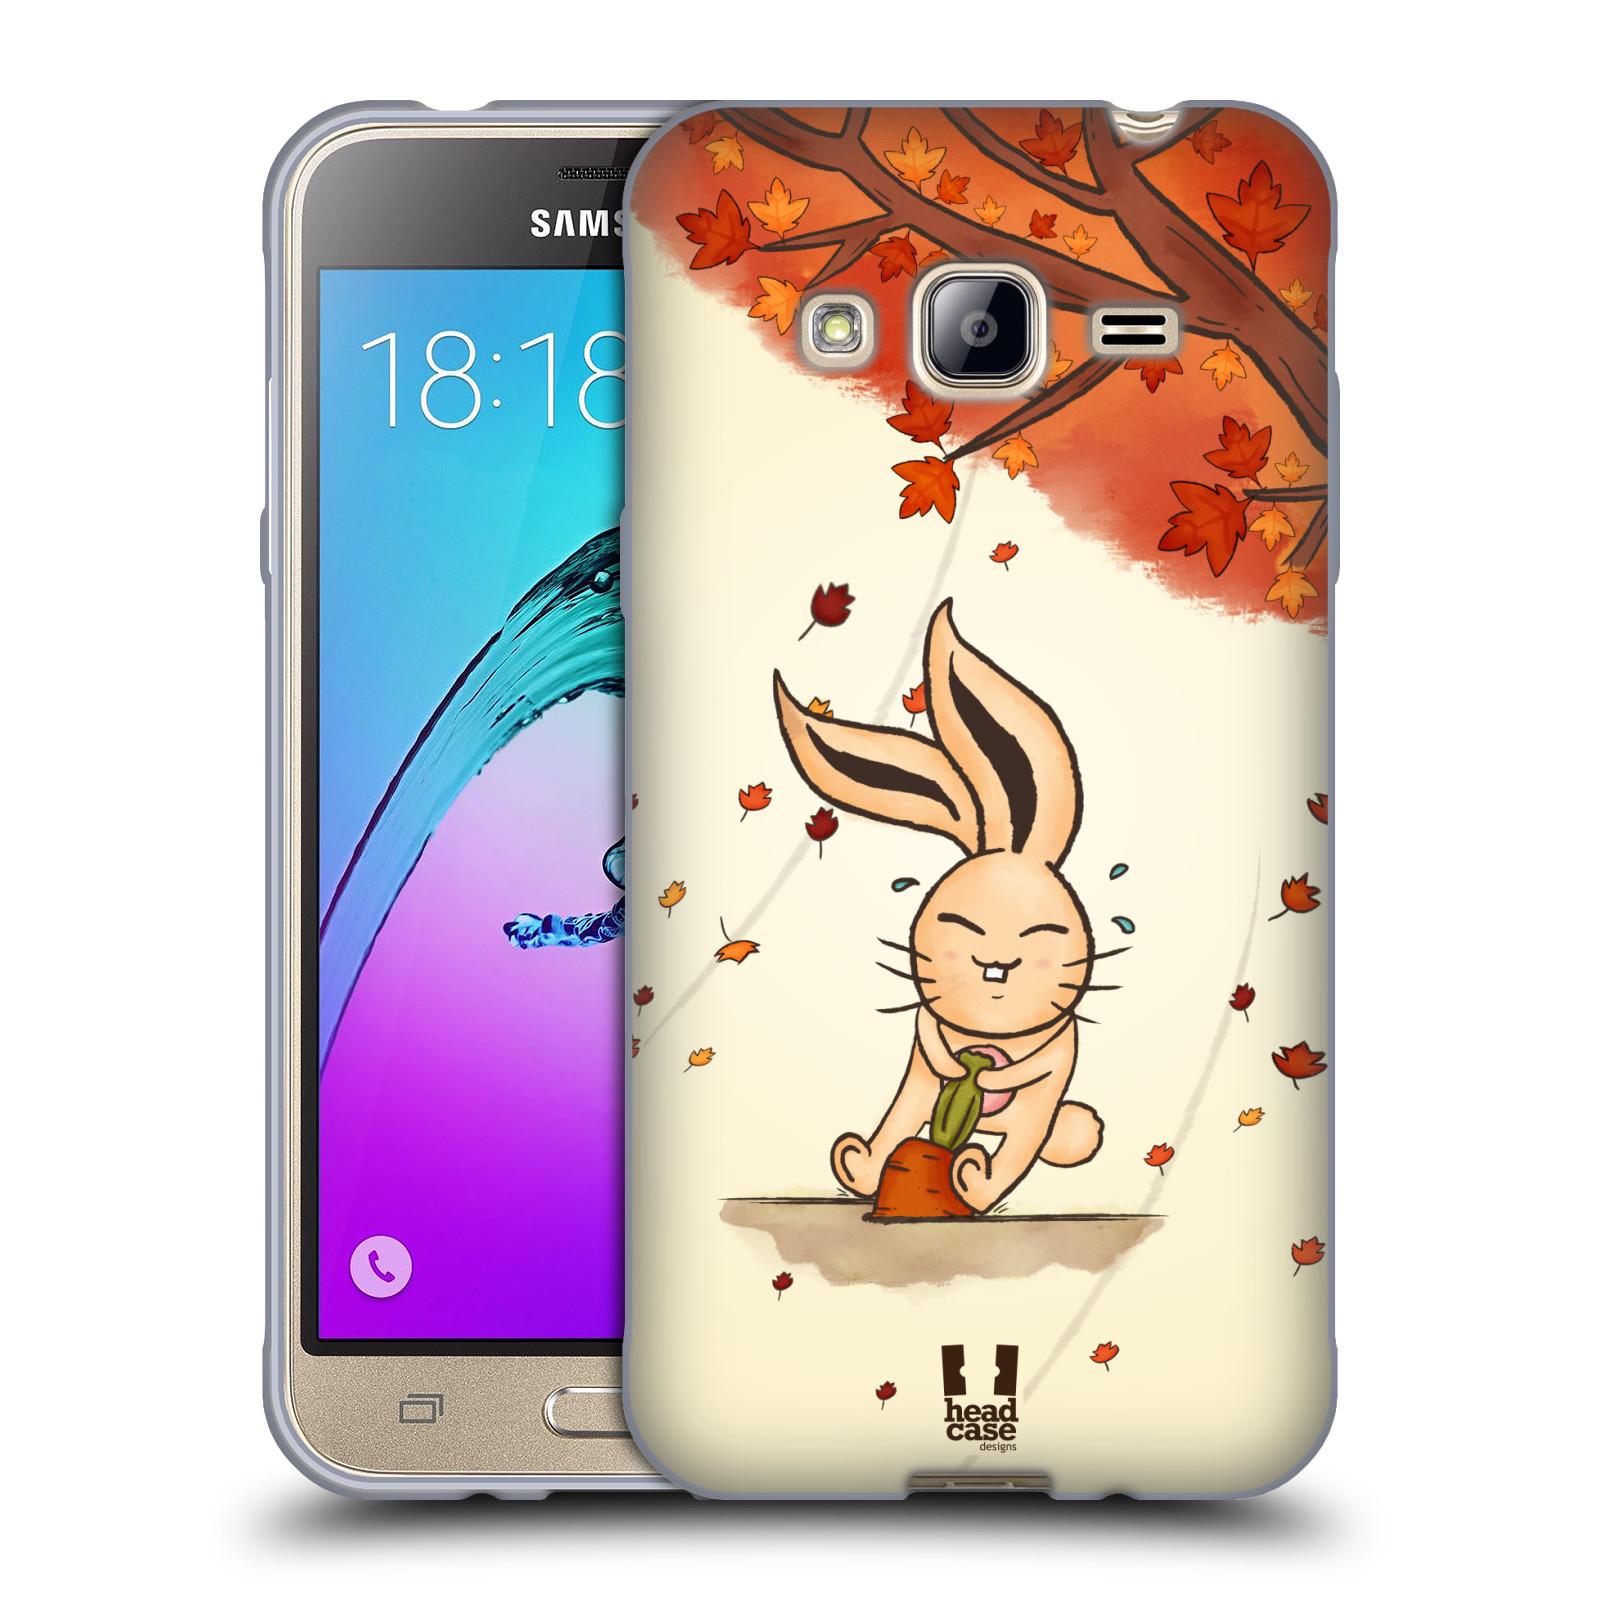 HEAD CASE silikonový obal na mobil Samsung Galaxy J3, J3 2016 vzor podzimní zvířátka zajíček a mrkev